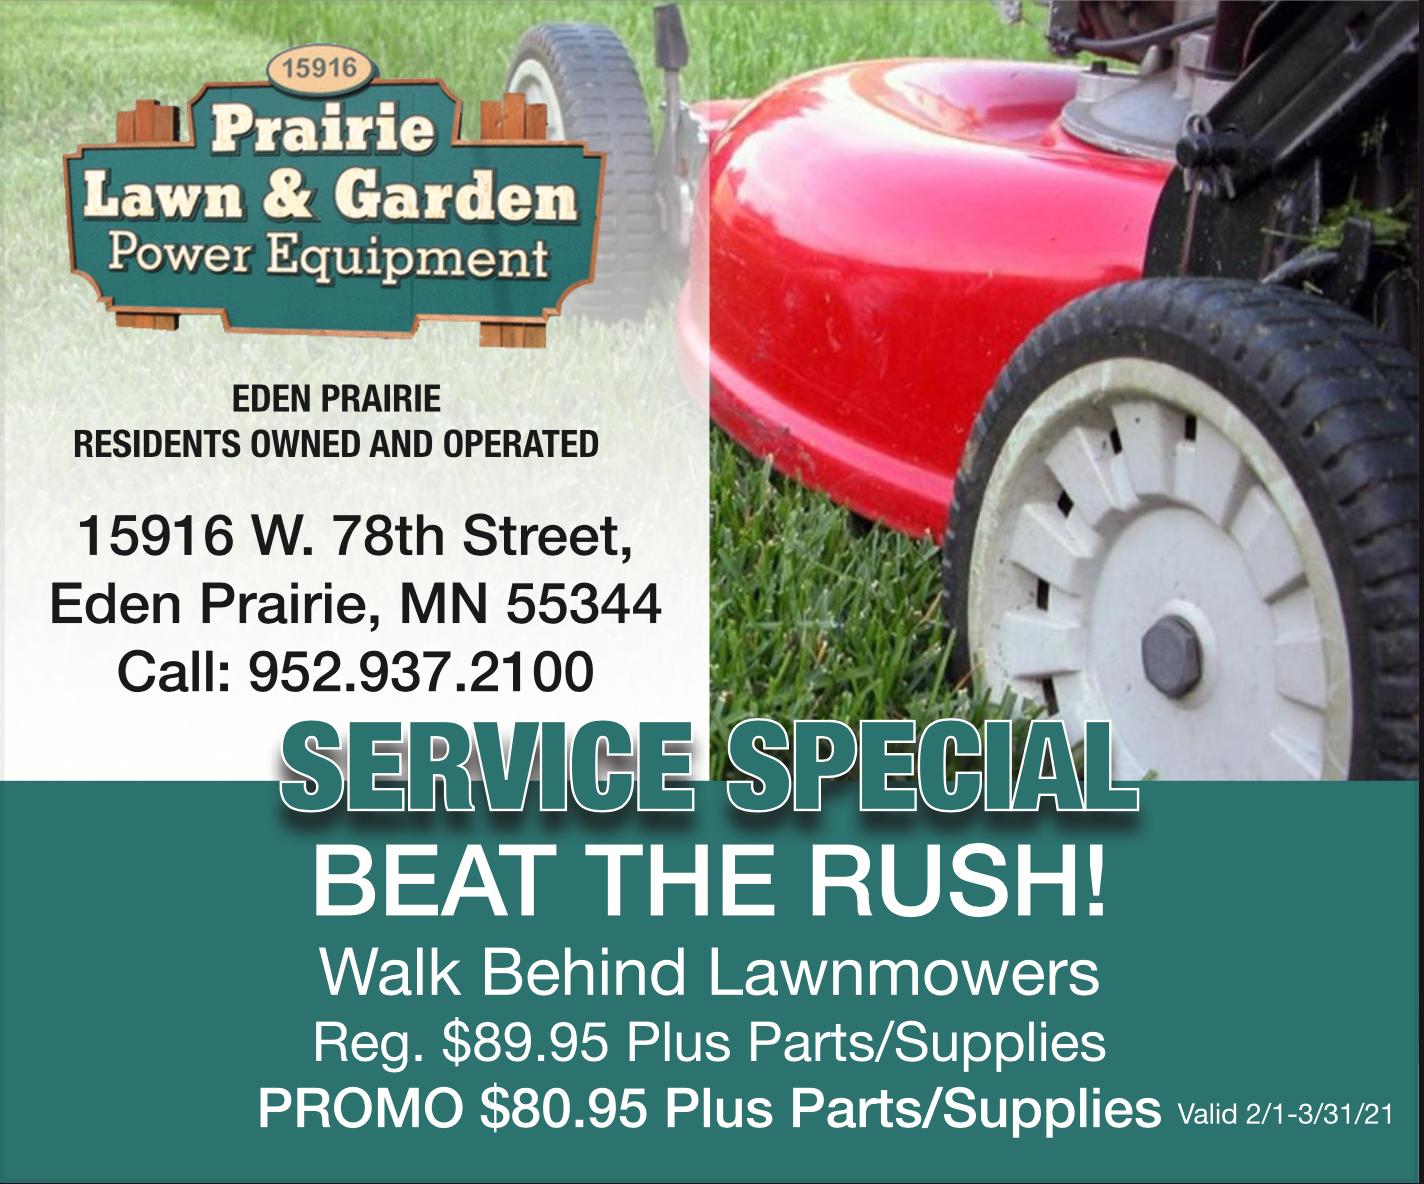 Prairie Lawn and Garden